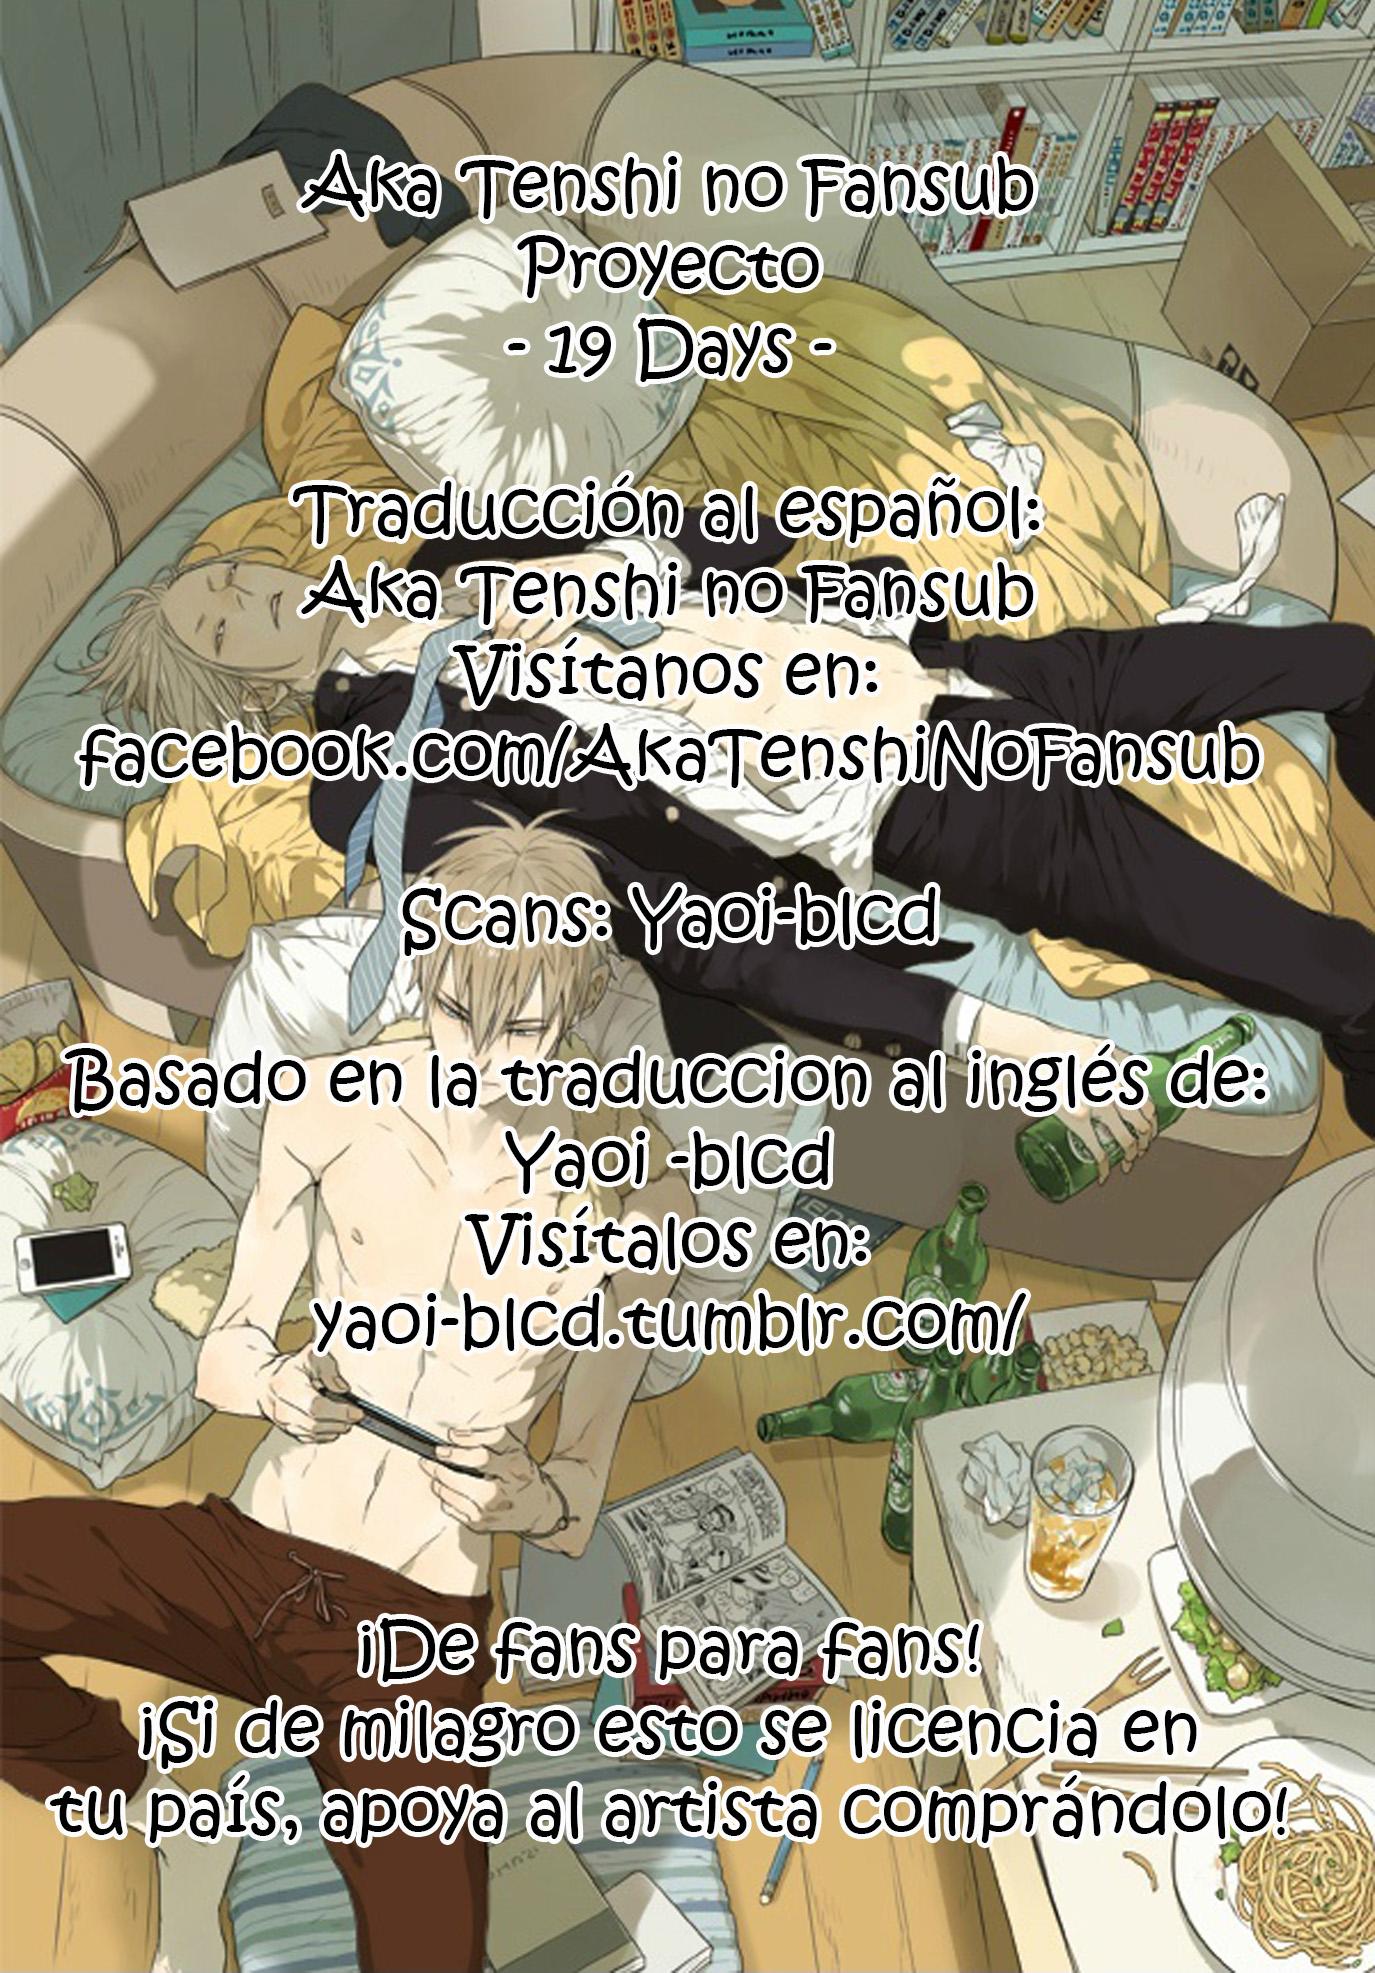 http://c5.ninemanga.com/es_manga/7/15943/381020/fdf198a3bda021ef2a7c9ba574aa6a1a.jpg Page 1